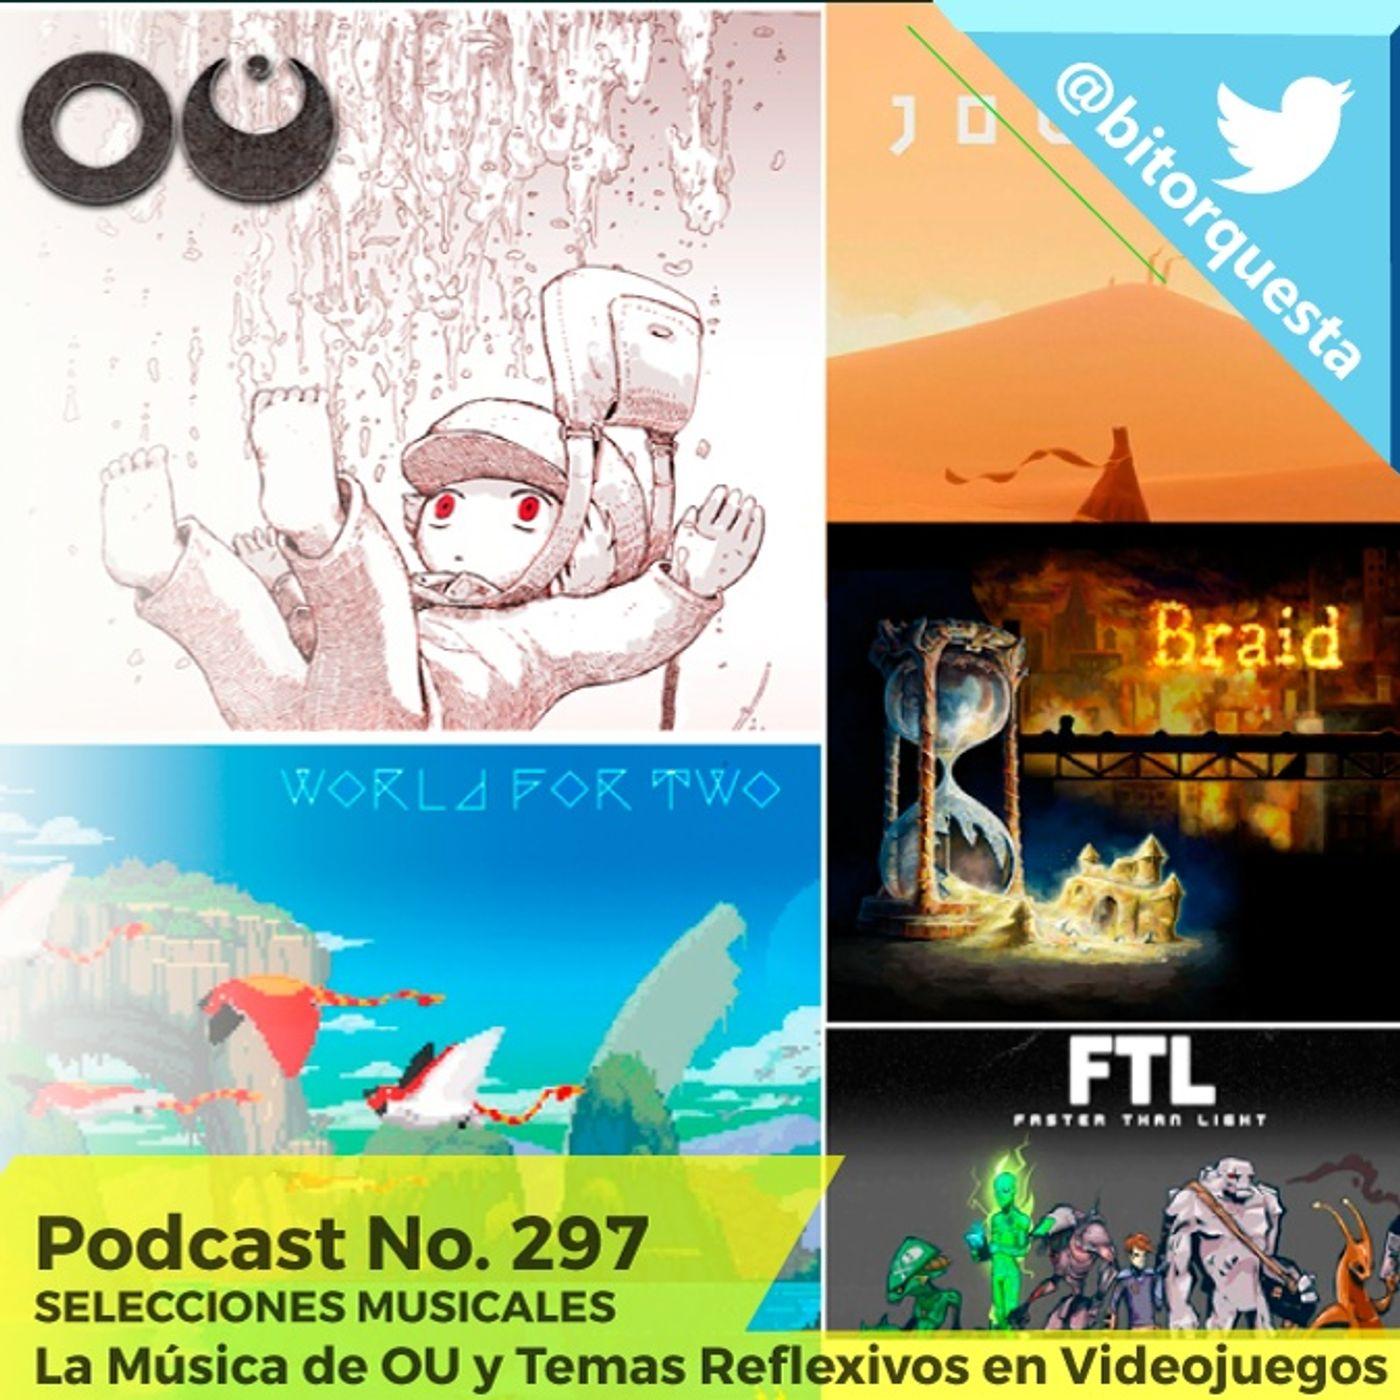 297 - La Música de OU & Temas Reflexivos y tranquilos en los Videojuegos